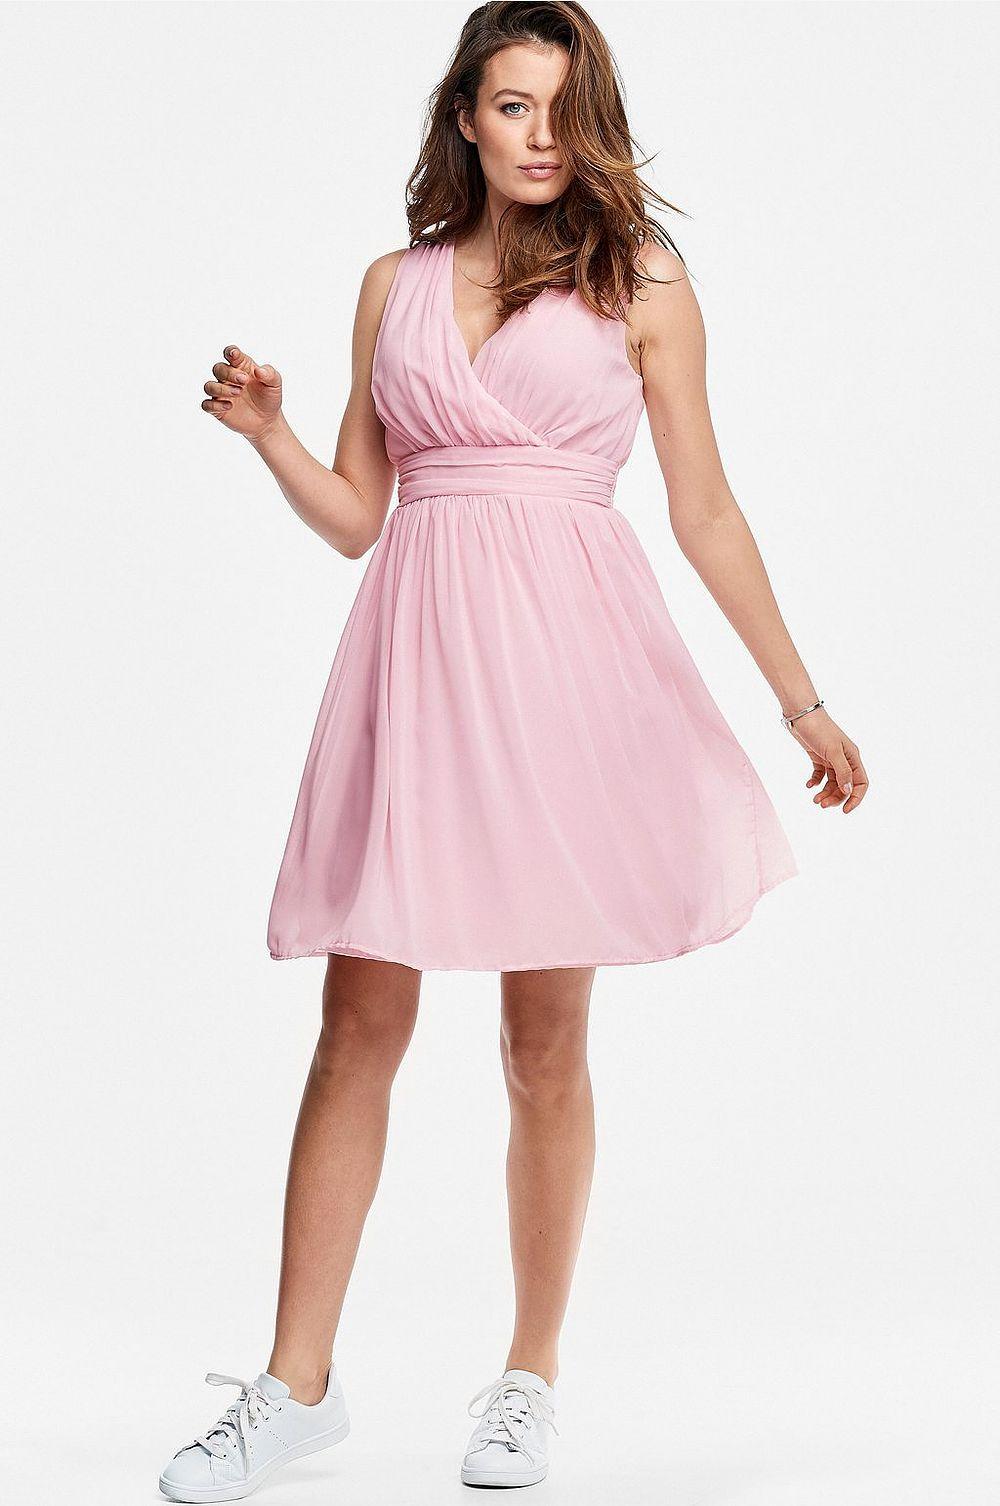 Korta klänningar i olika färger - Shoppa online Ellos.se